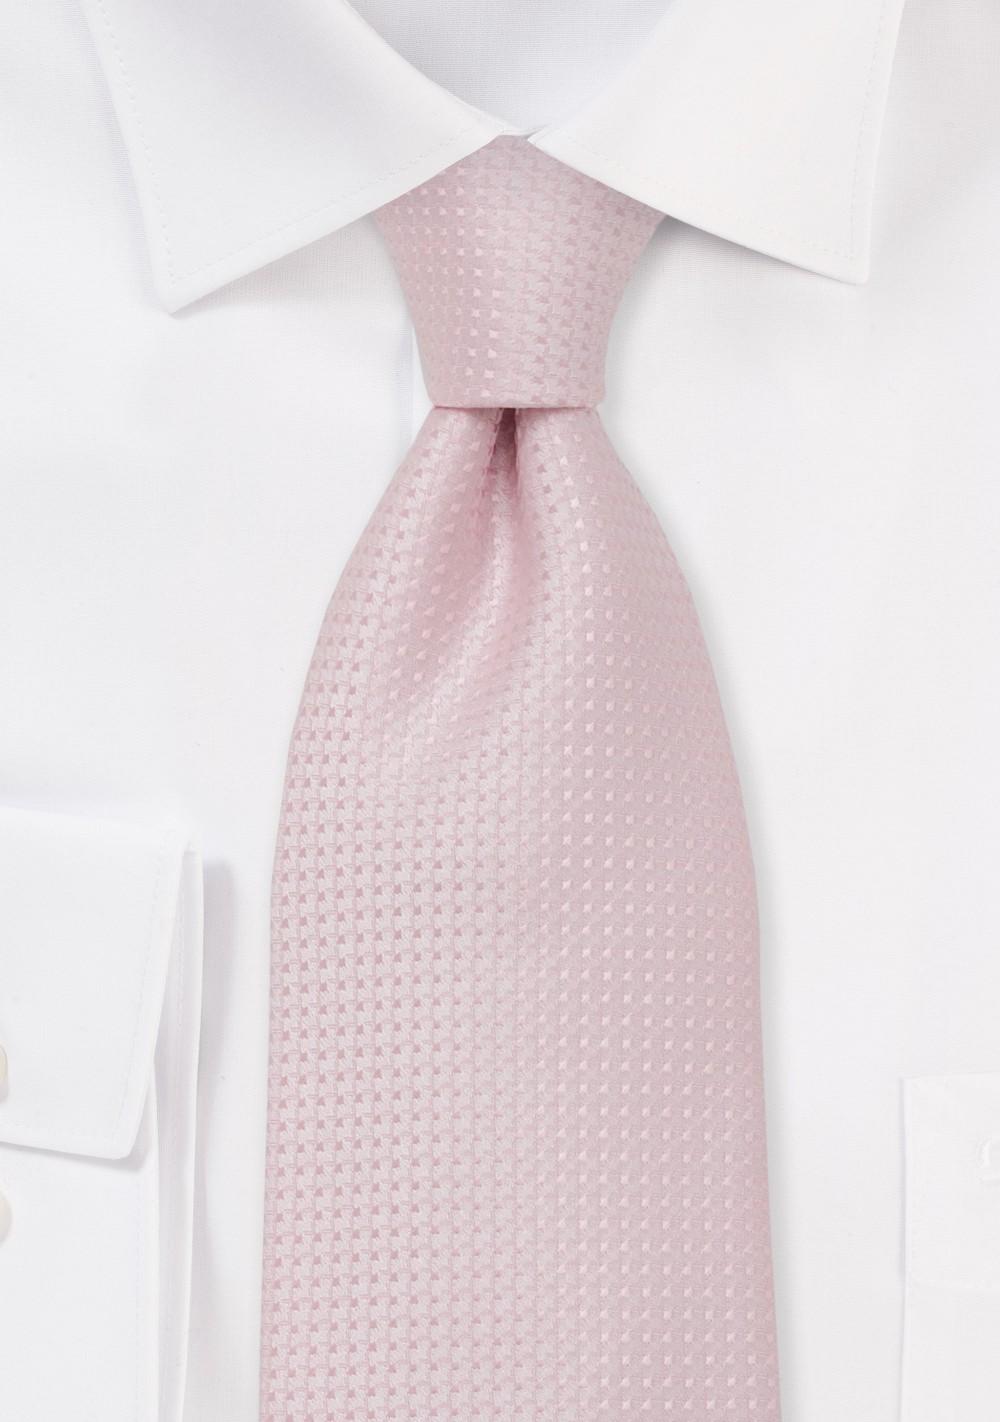 Light Pink Necktie in XL